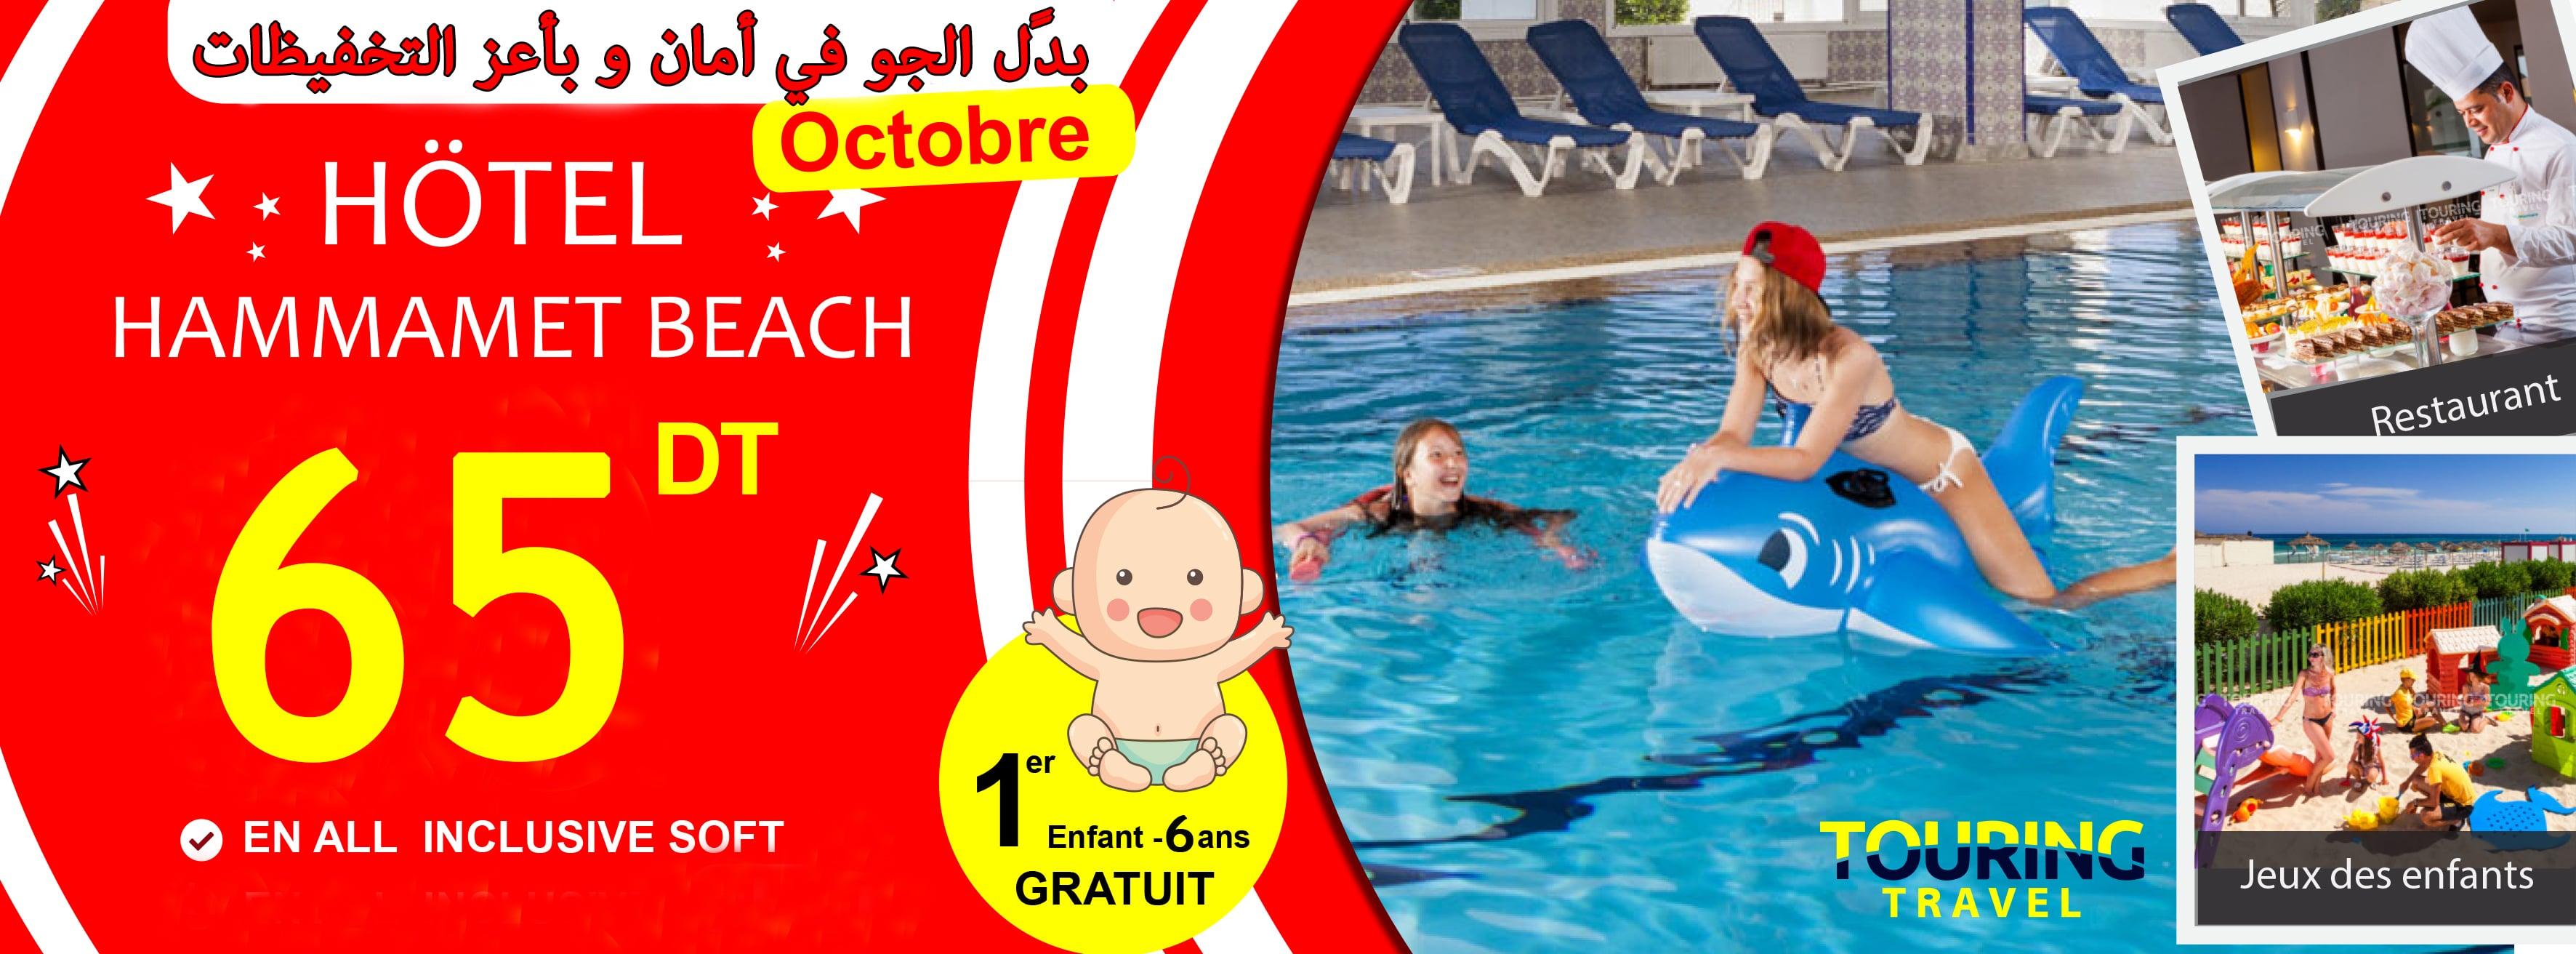 Offre Hammamet Beach Aquapark